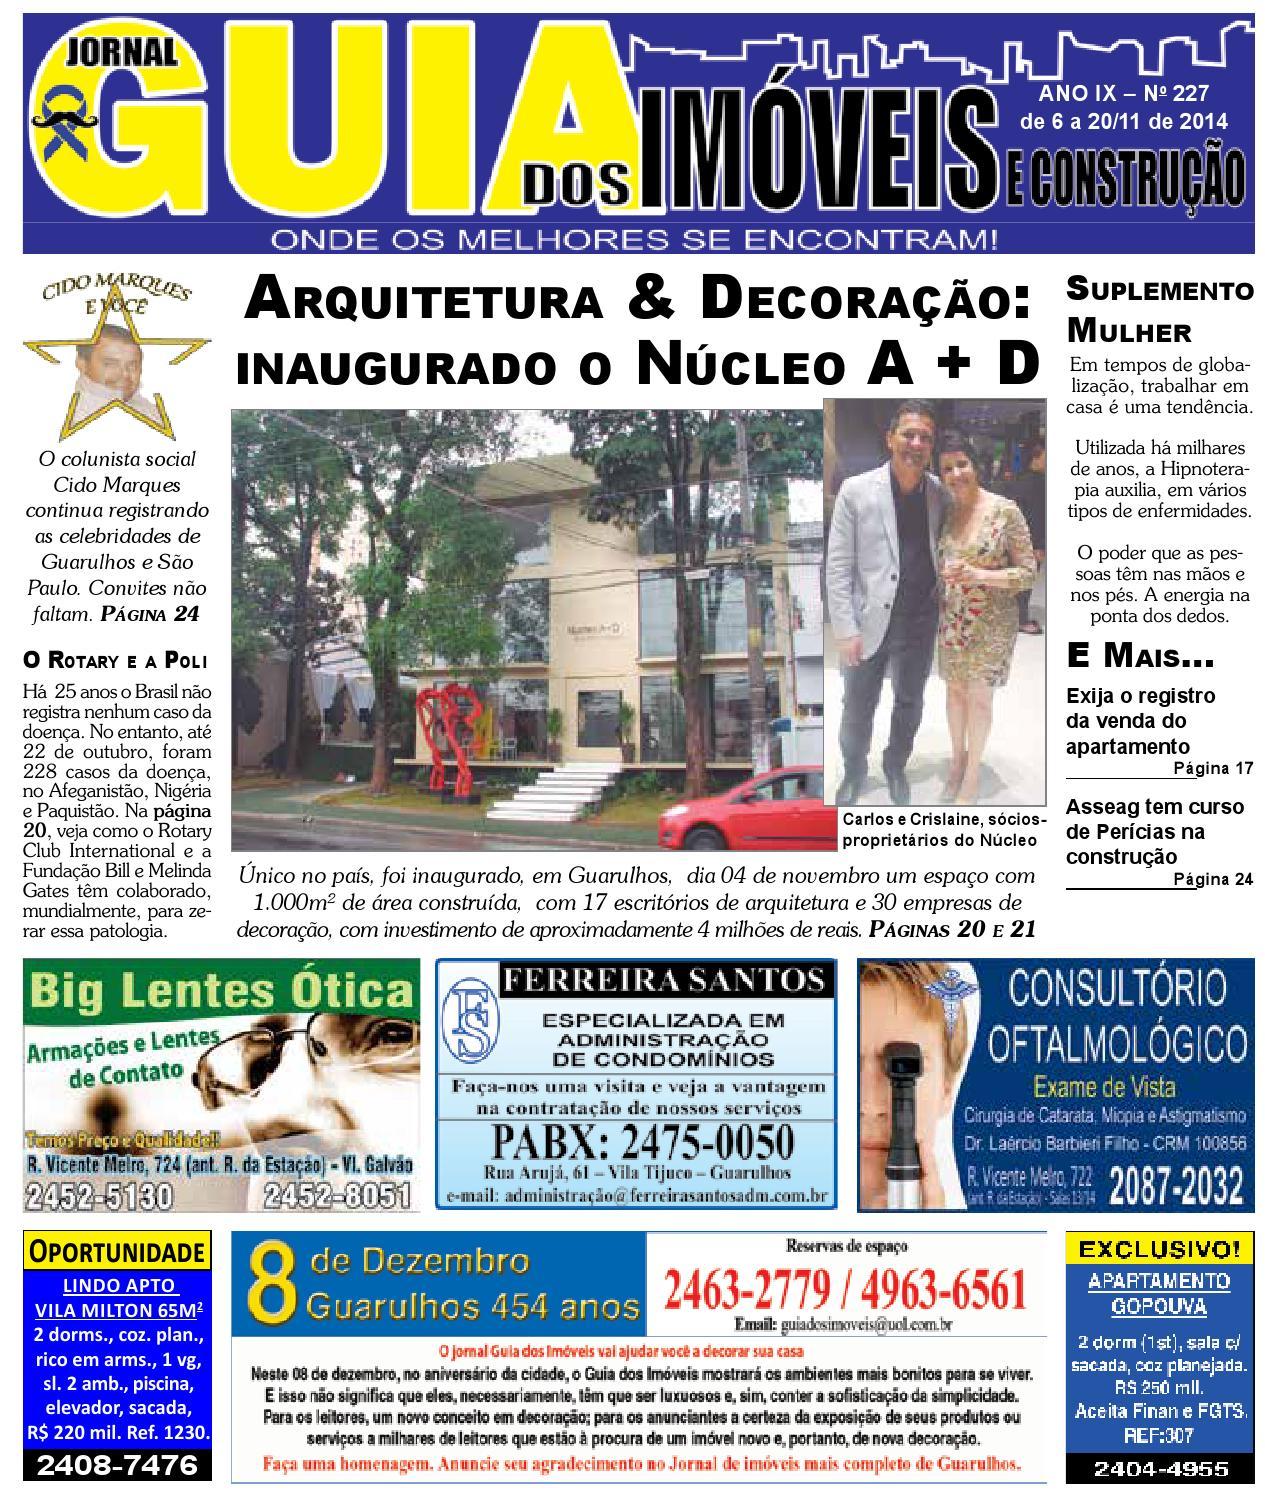 fe3ee7ac1e703 Jornal Guia dos Imóveis by Revi Alves - issuu